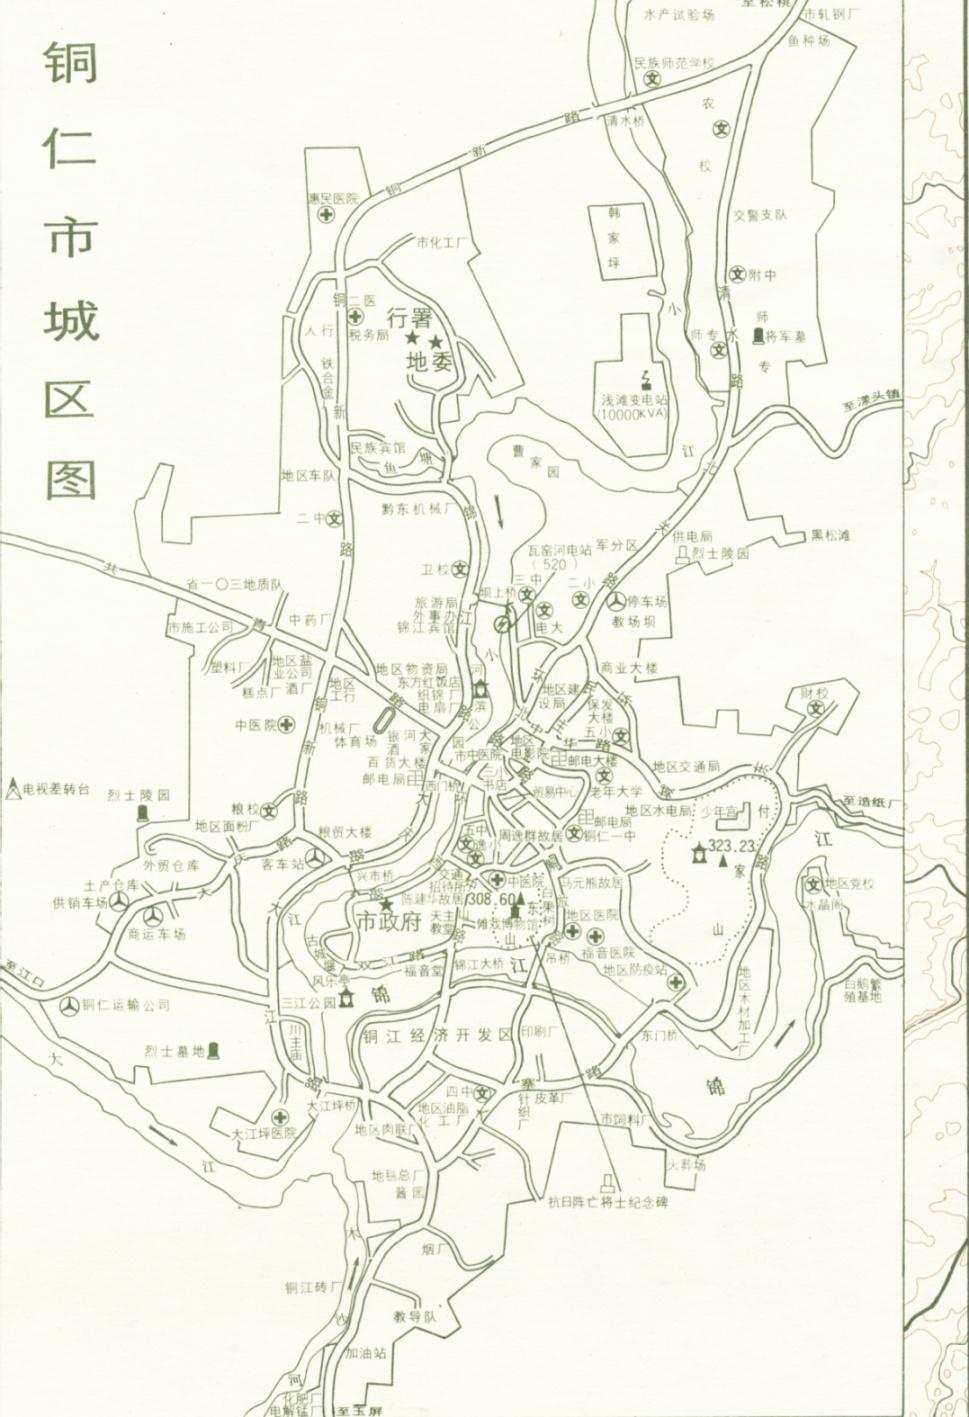 铜仁市城区地图